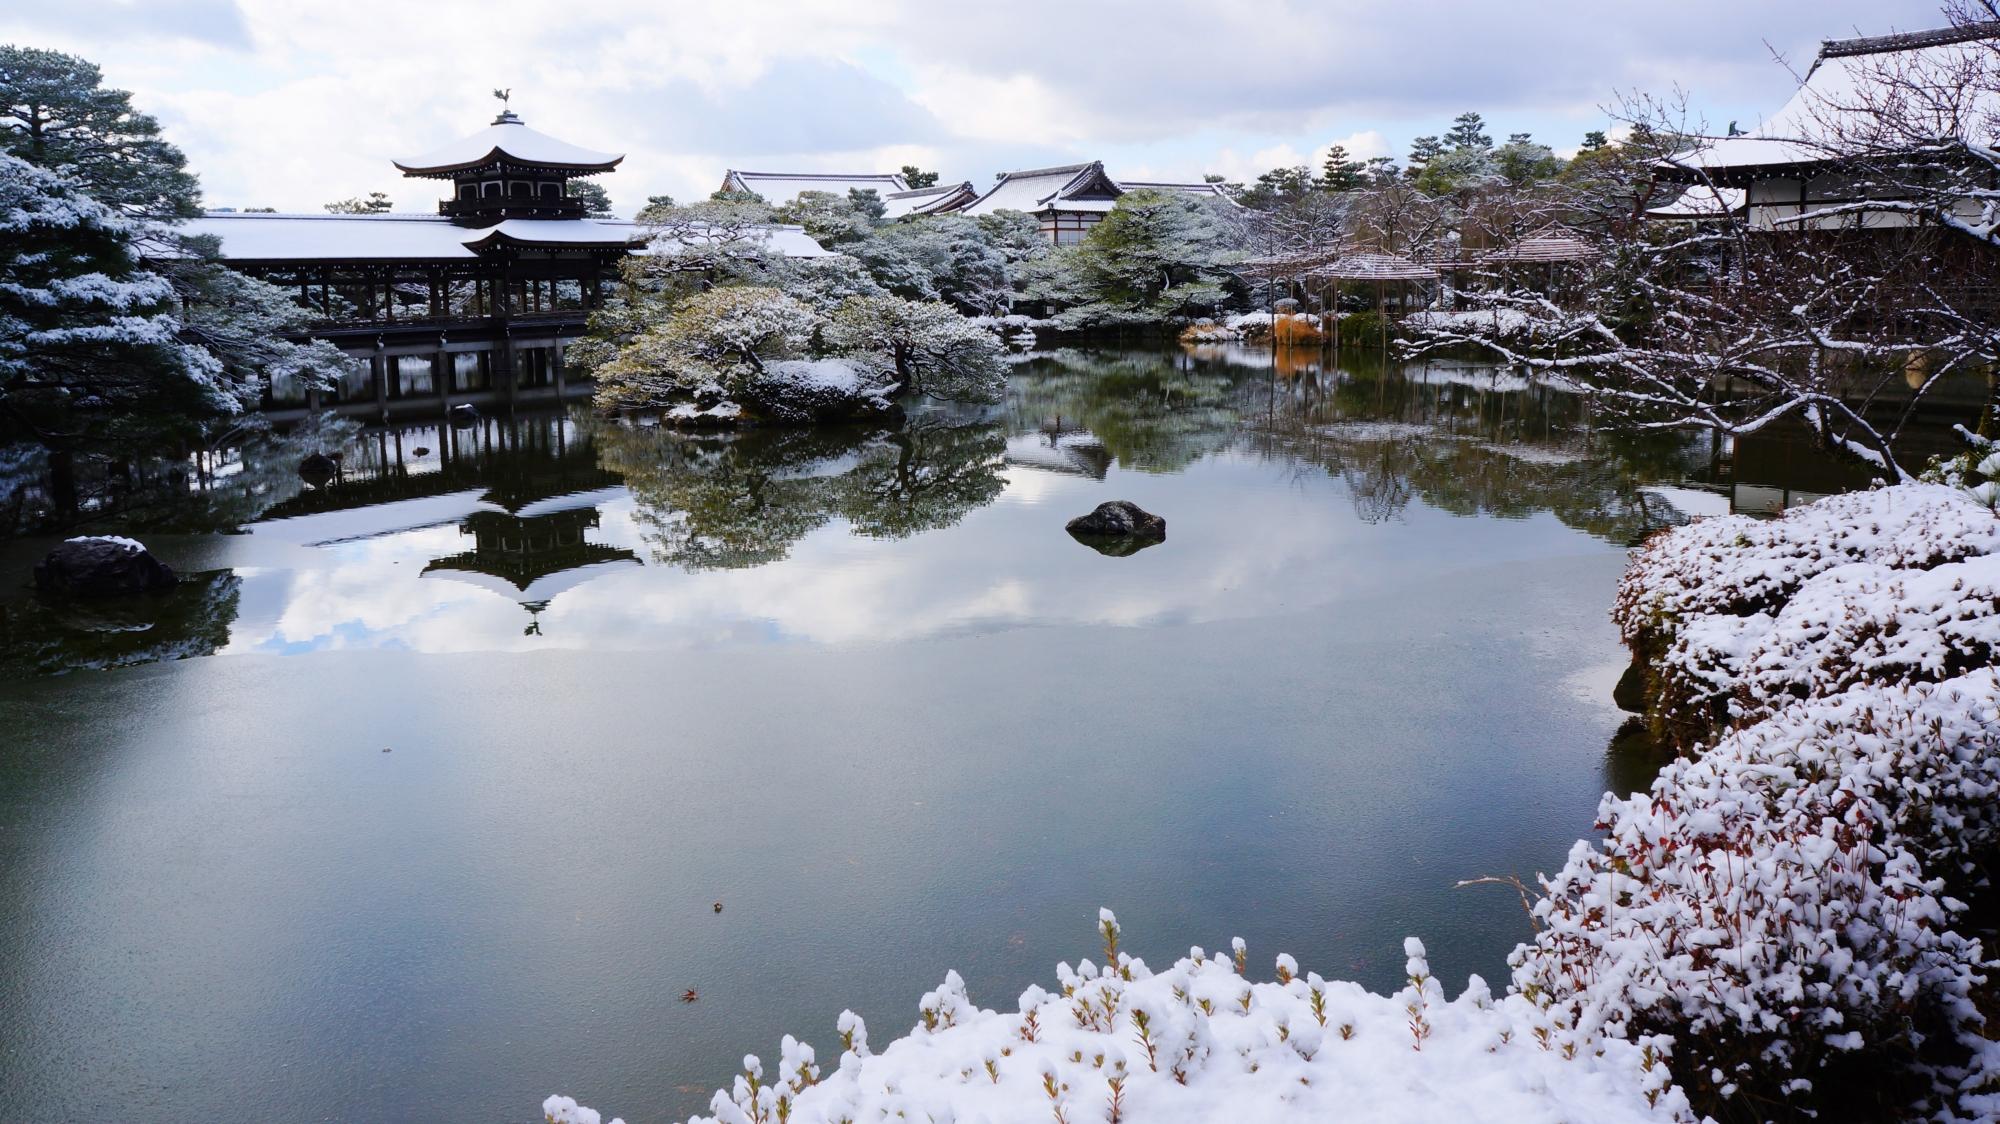 平安神宮神苑の素晴らしい雪景色